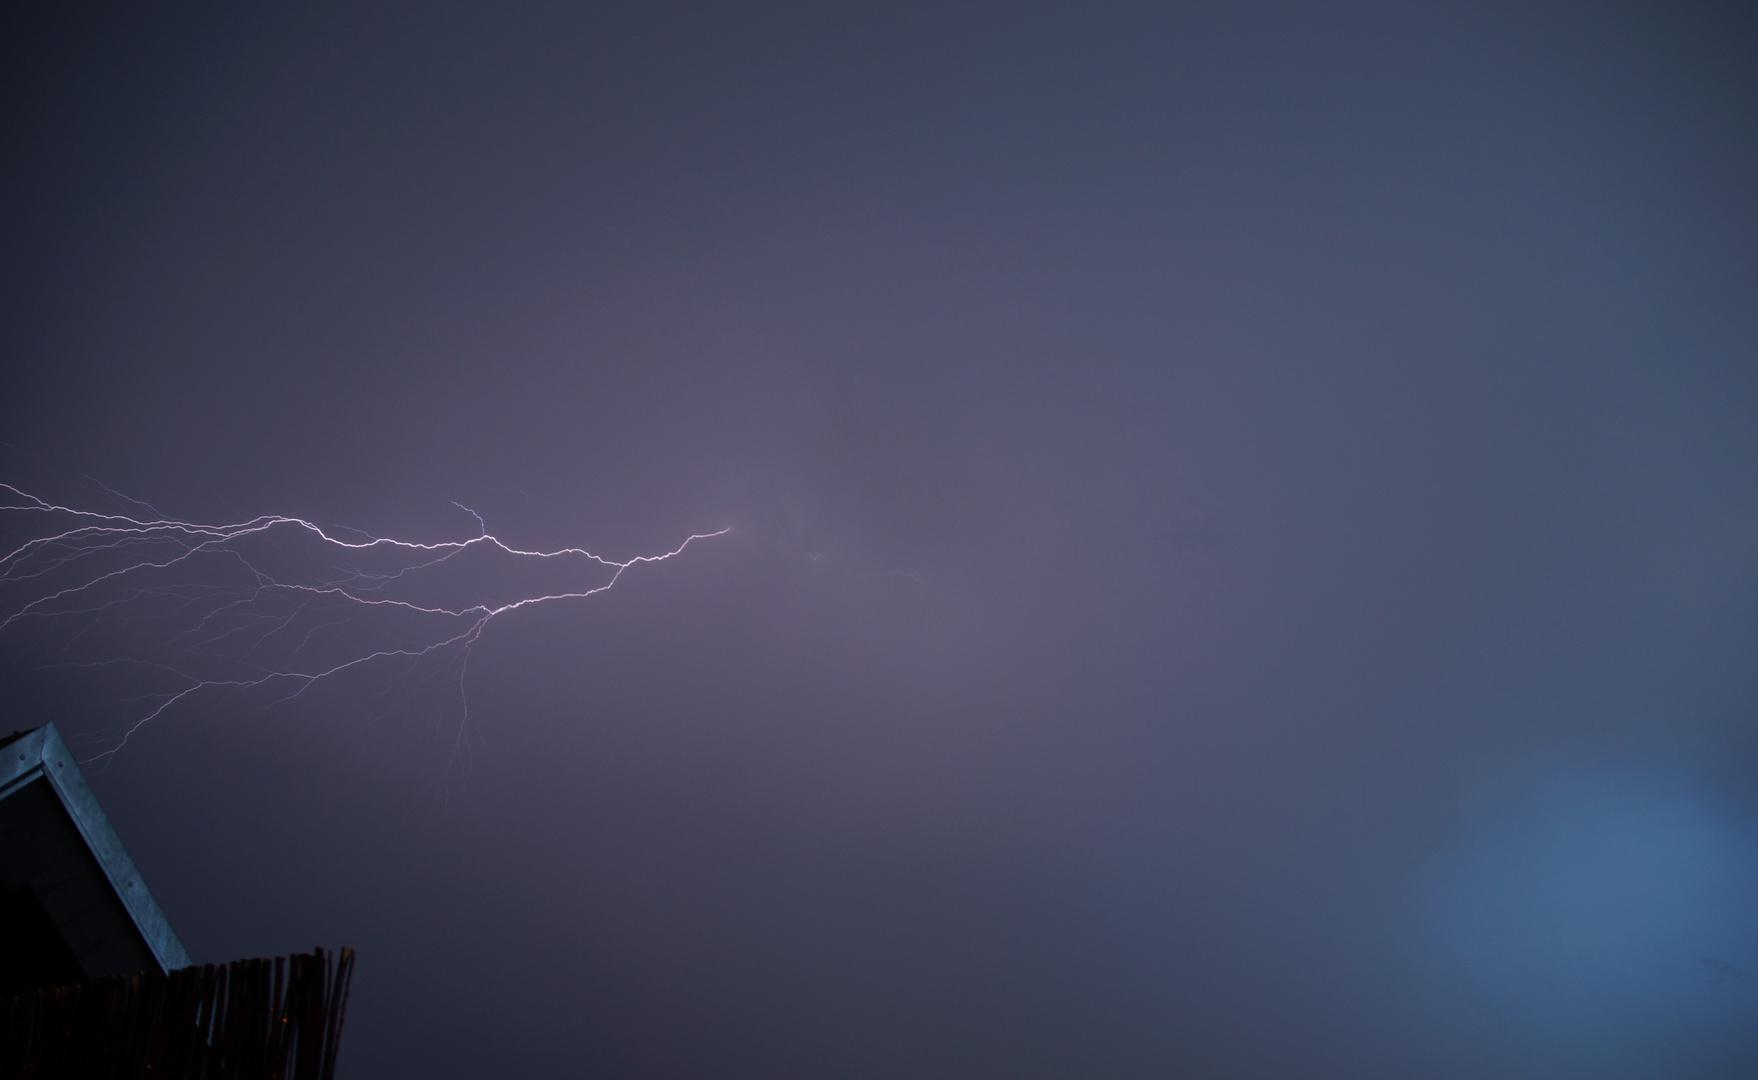 ...mit Blitz...